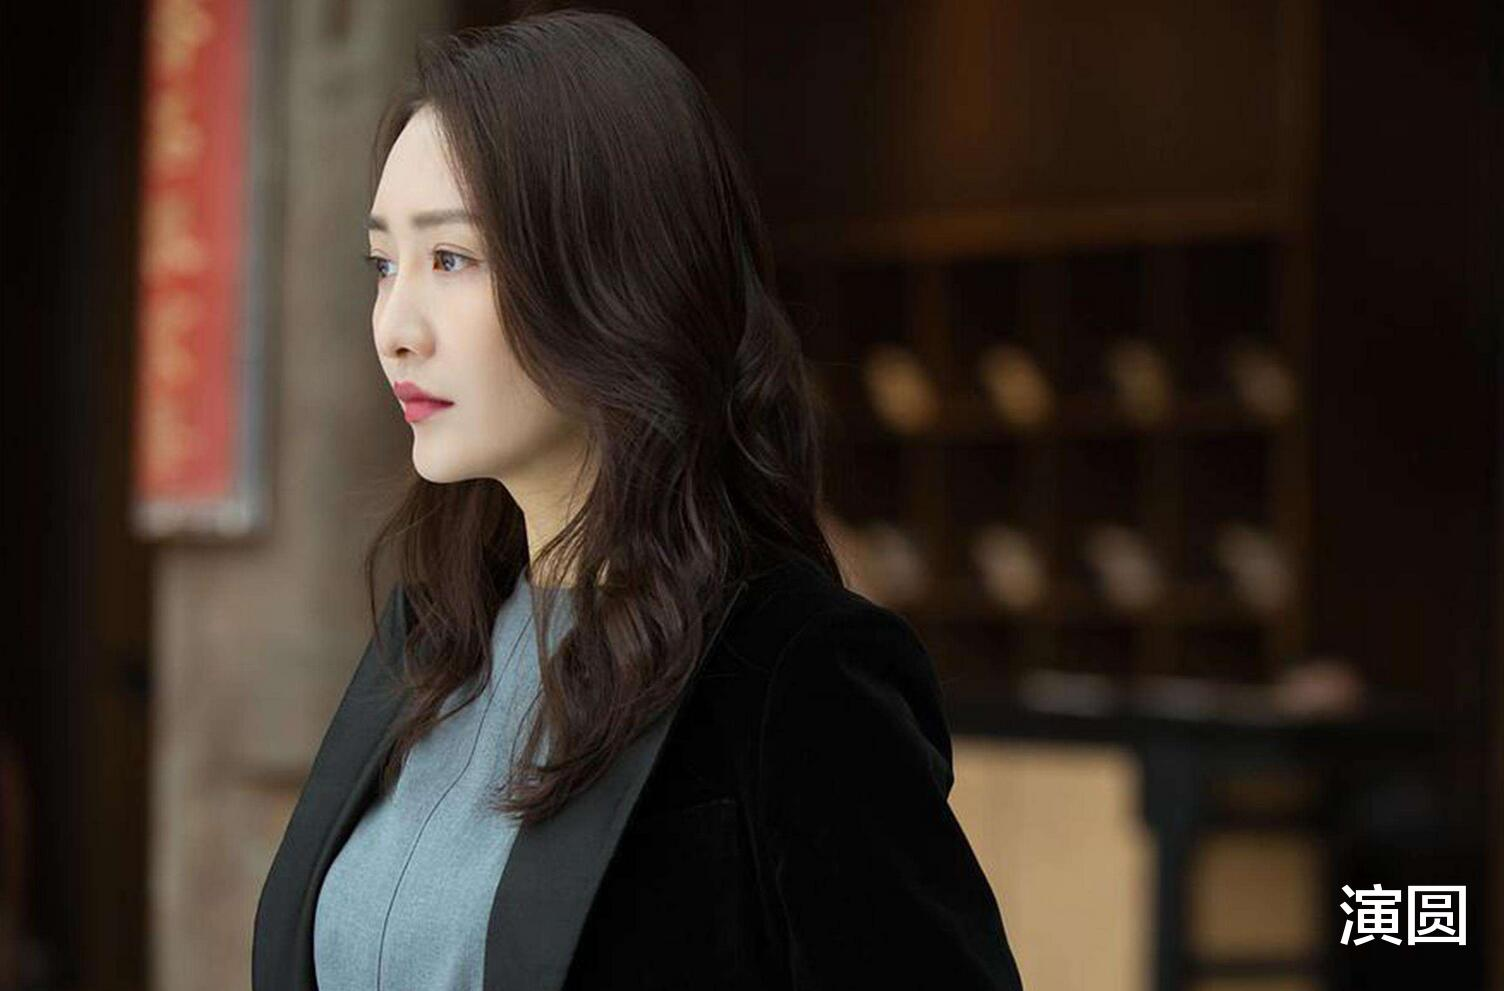 她出道就演女主获大奖,王鸥袁咏仪都是配角,今凭《琉璃》再爆红